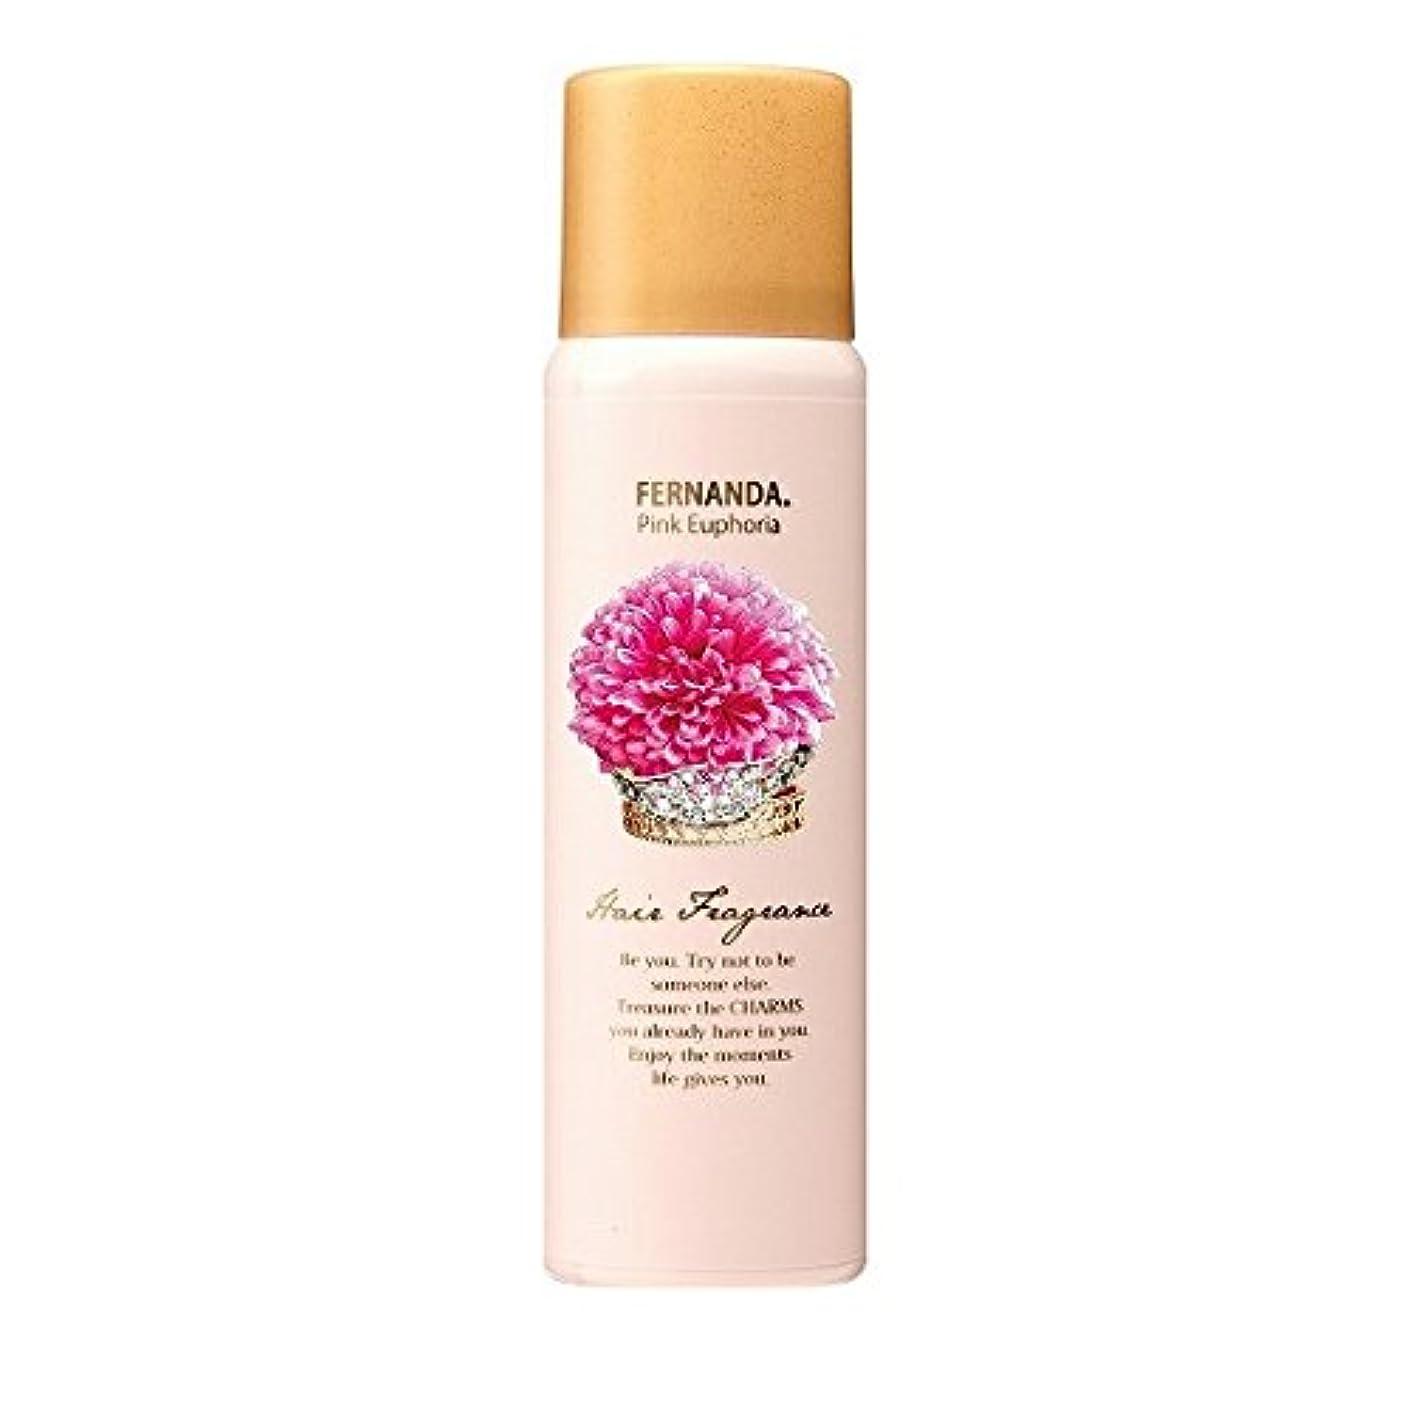 単調な憎しみ社員FERNANDA(フェルナンダ) Hair Fragrance Pink Euphoria (ヘアー フレグランス ピンクエウフォリア)